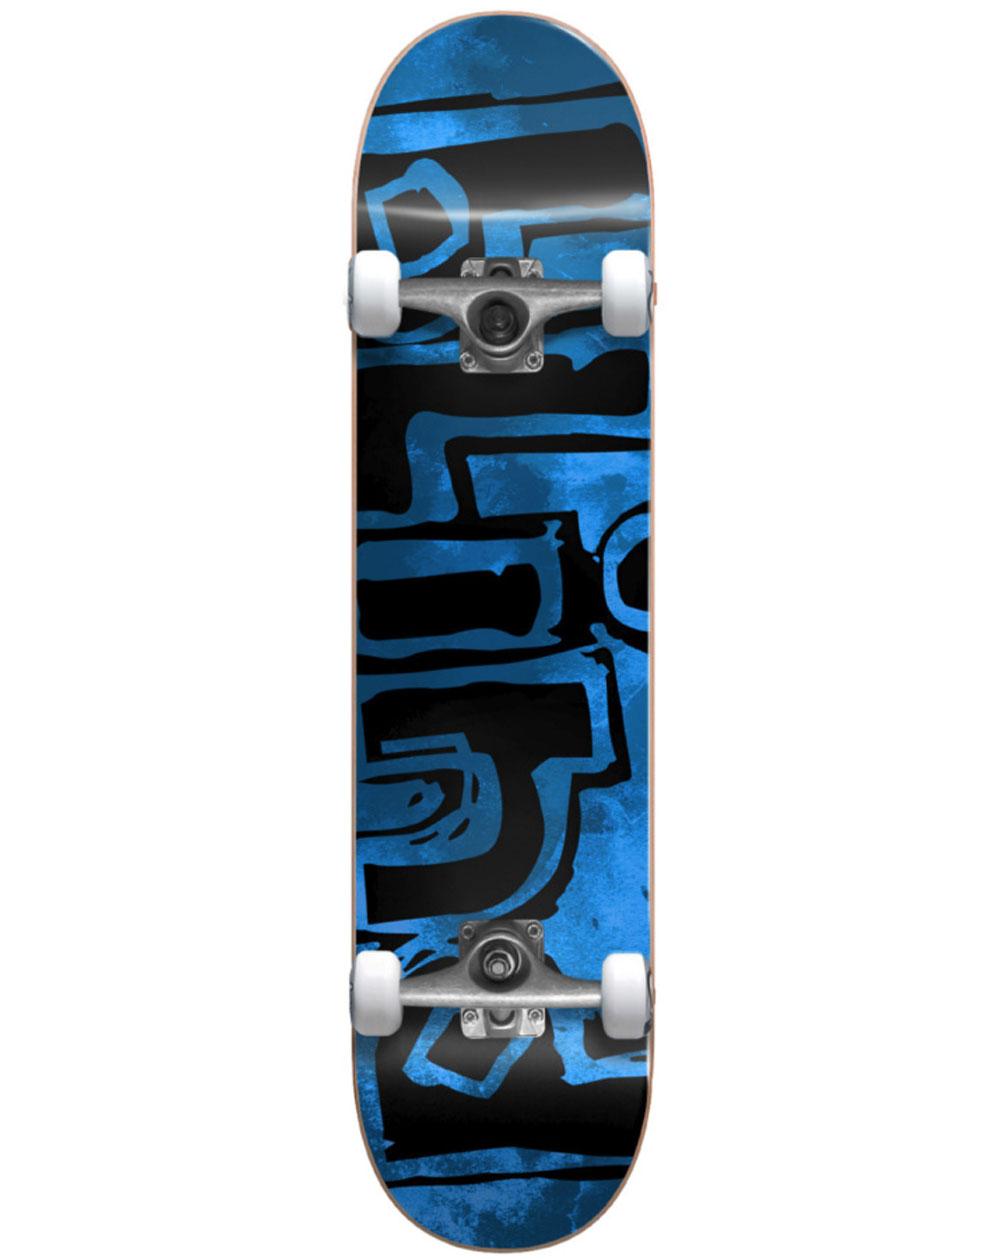 Blind Og Water Color Mid Skateboard with Backpack Blue